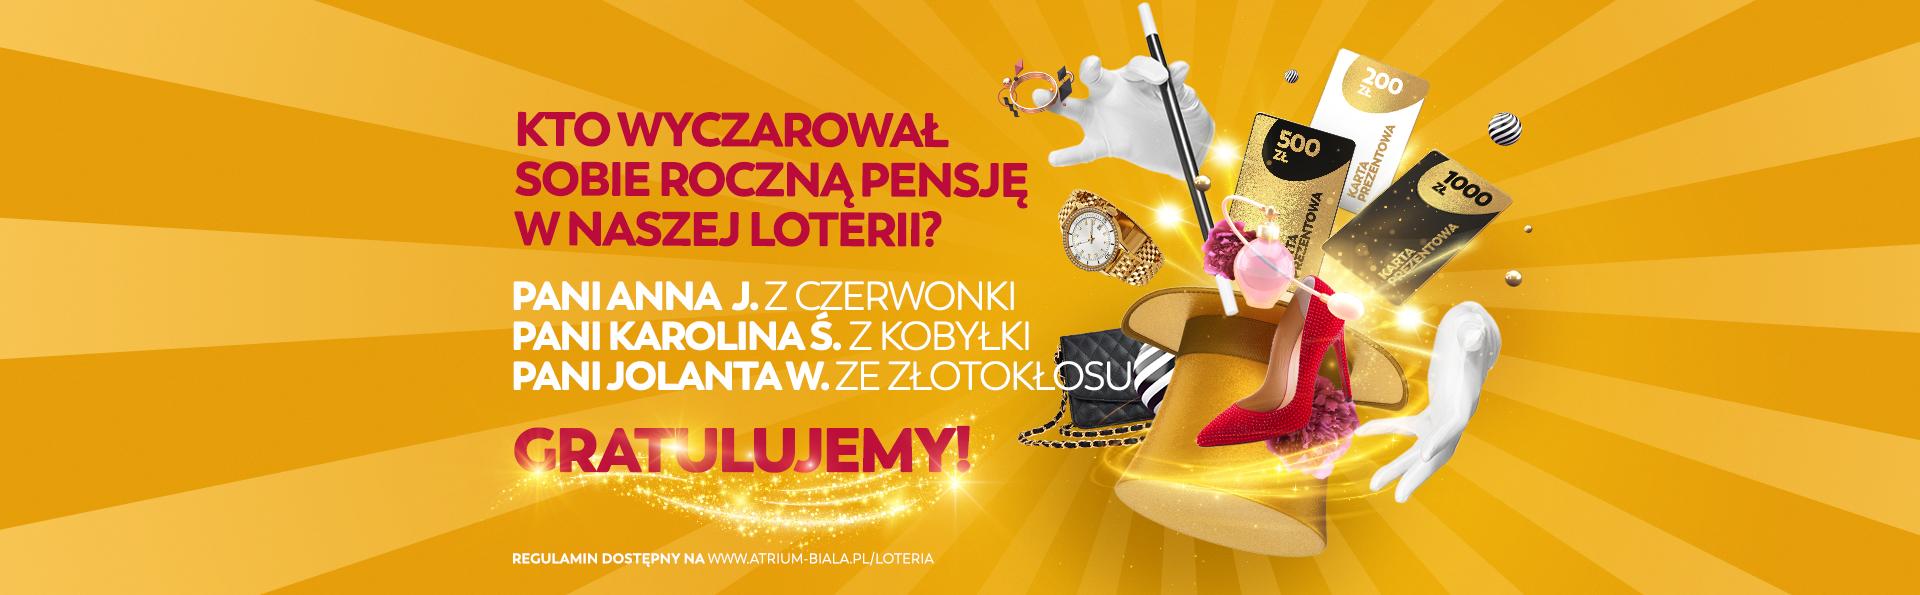 Gratulujemy zwycięzcom magicznej loterii!